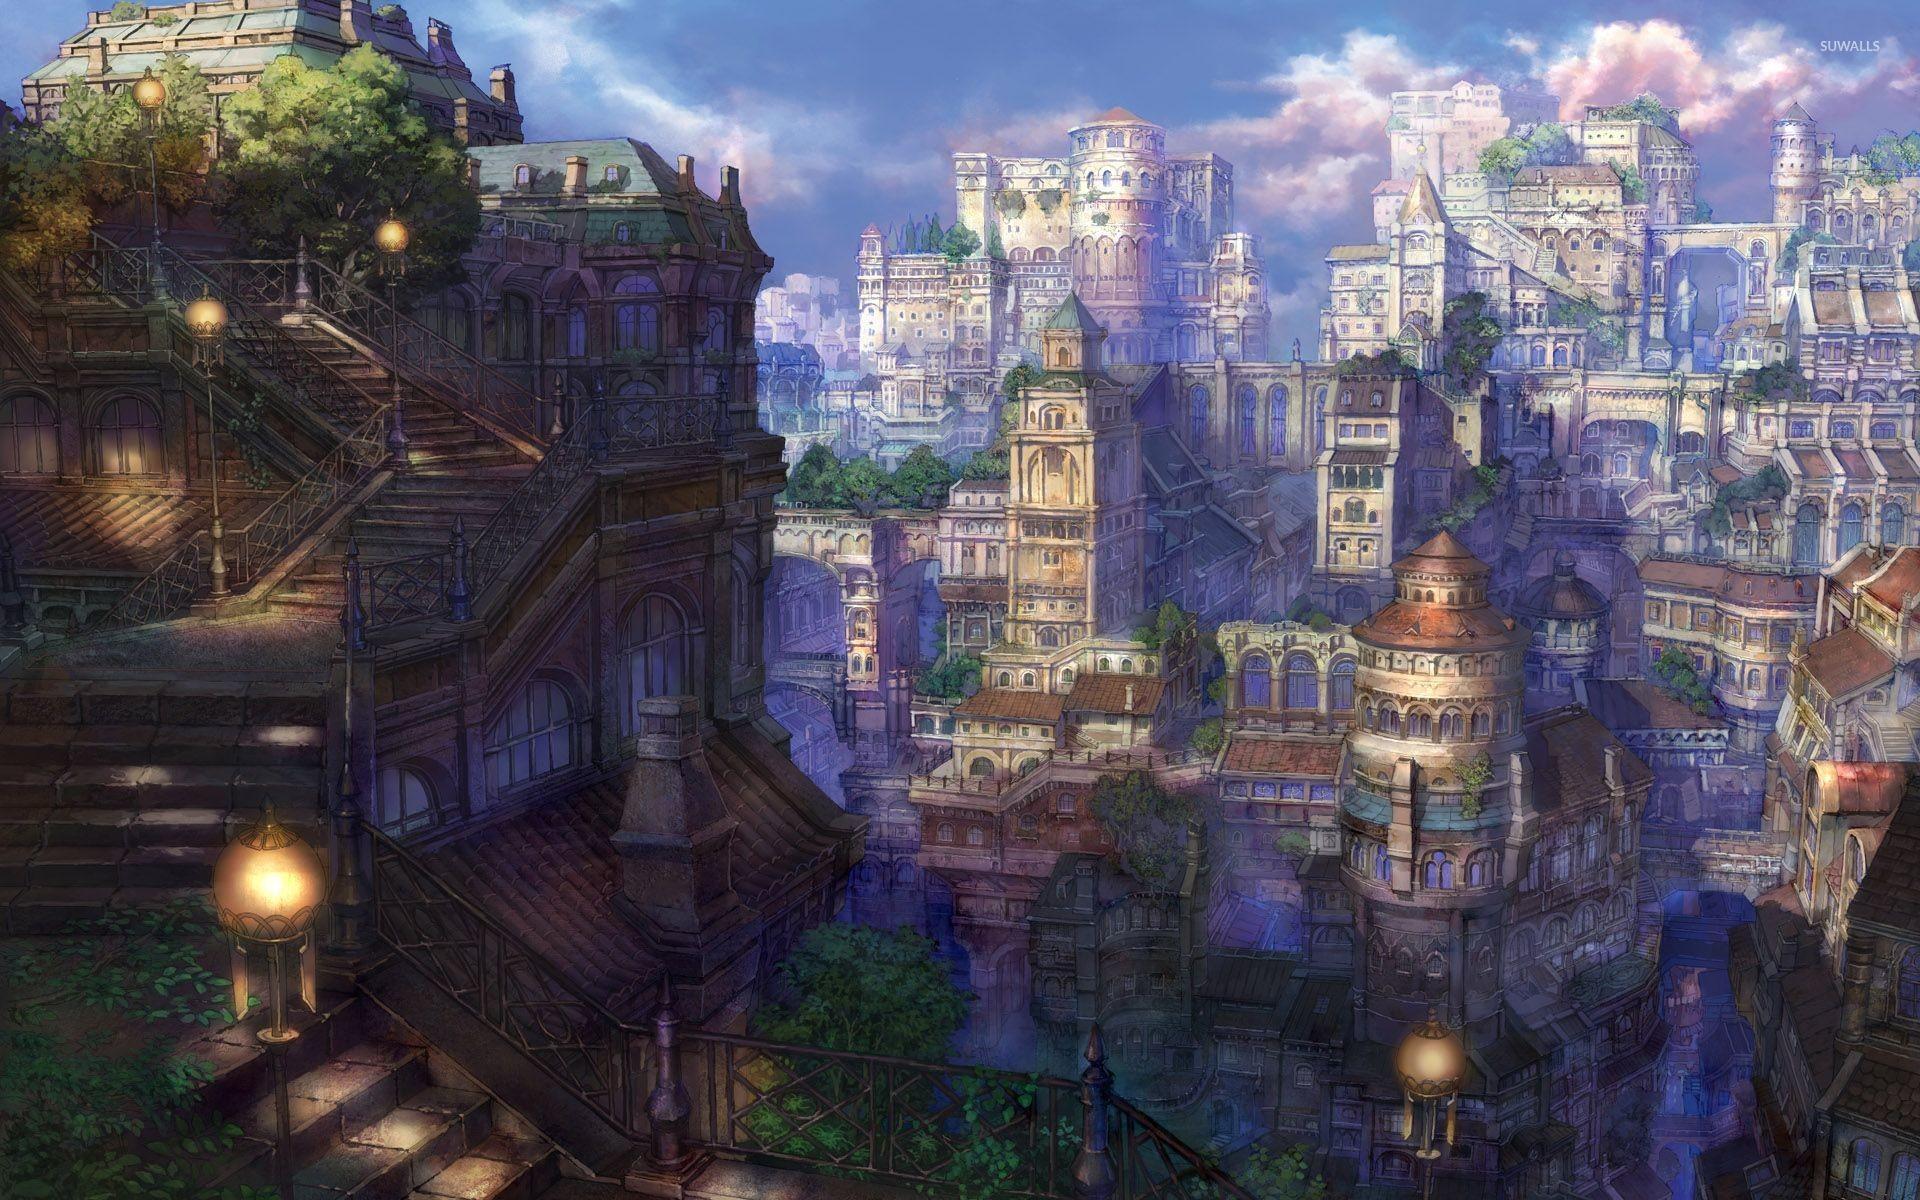 アニメ壁紙タウン 町の壁紙 19x10 Wallpapertip